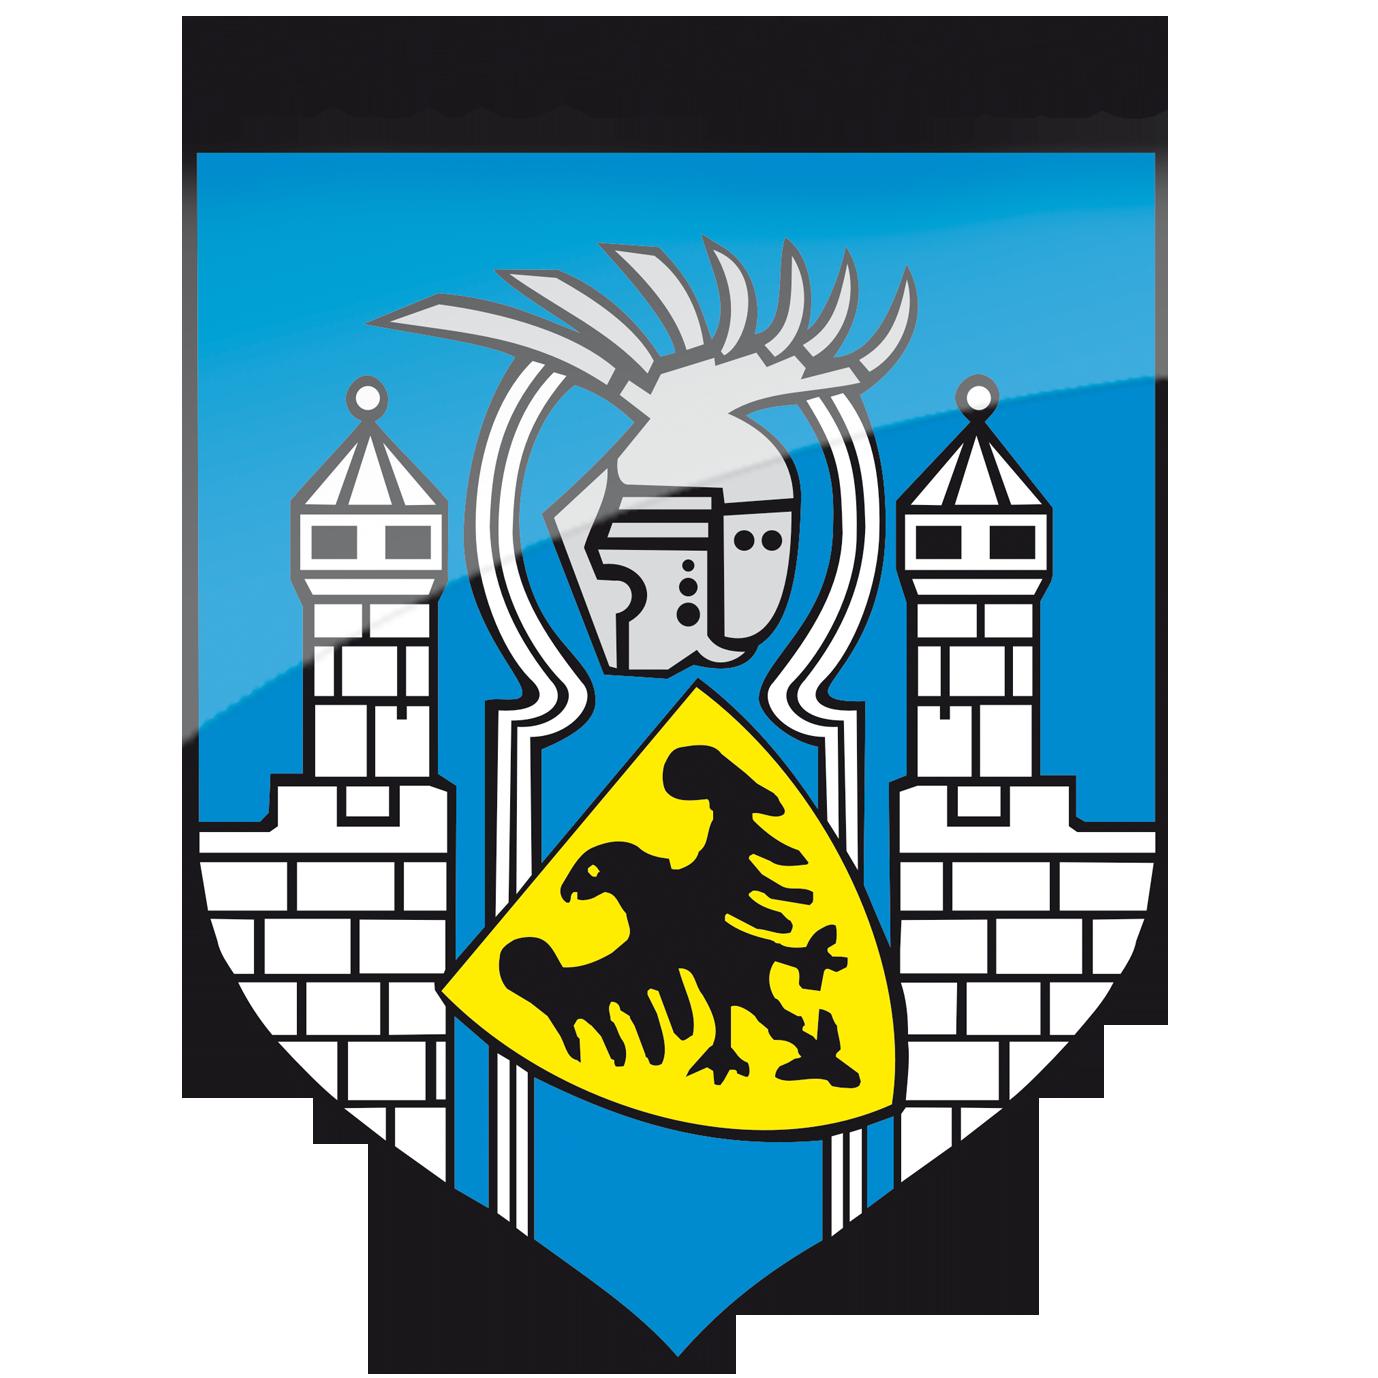 Urząd Miasta Zgorzelec